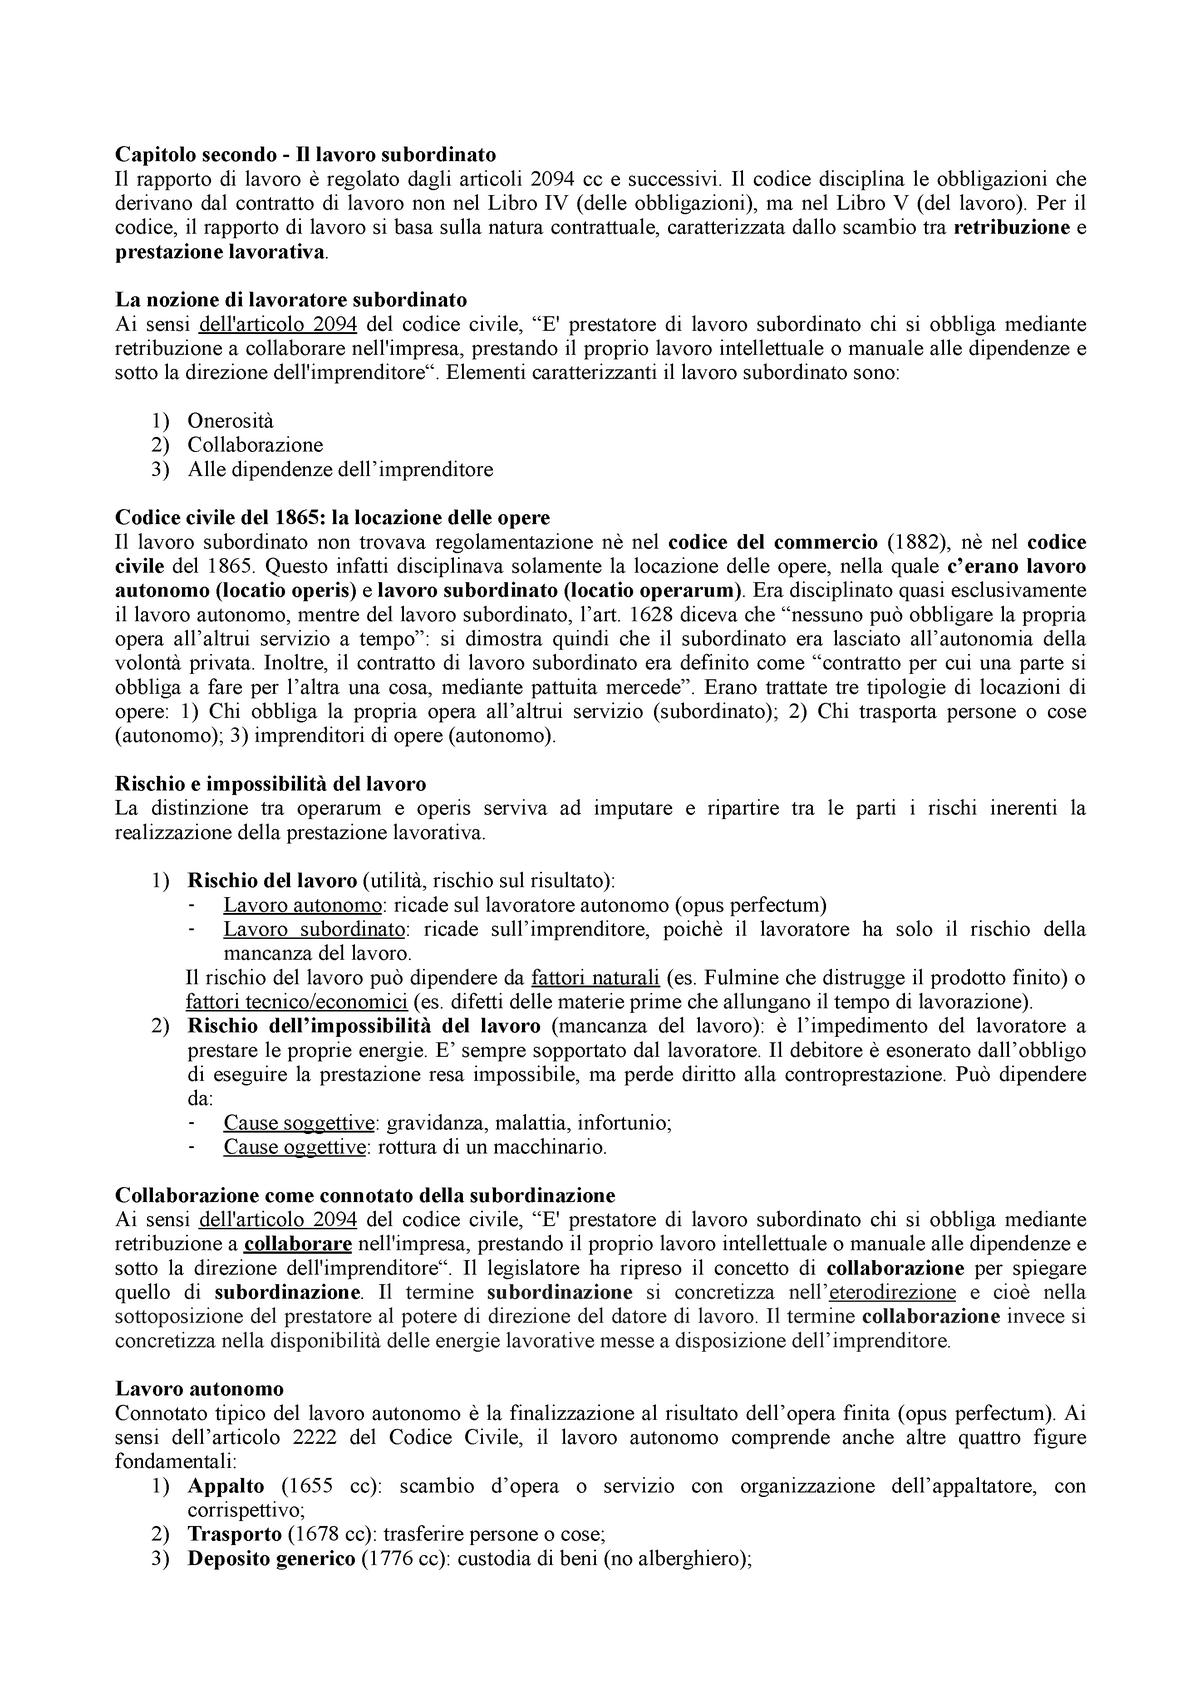 Contestazione Disciplinare 5 Giorni Lavorativi O Calendario.Diritto Del Lavoro Studocu